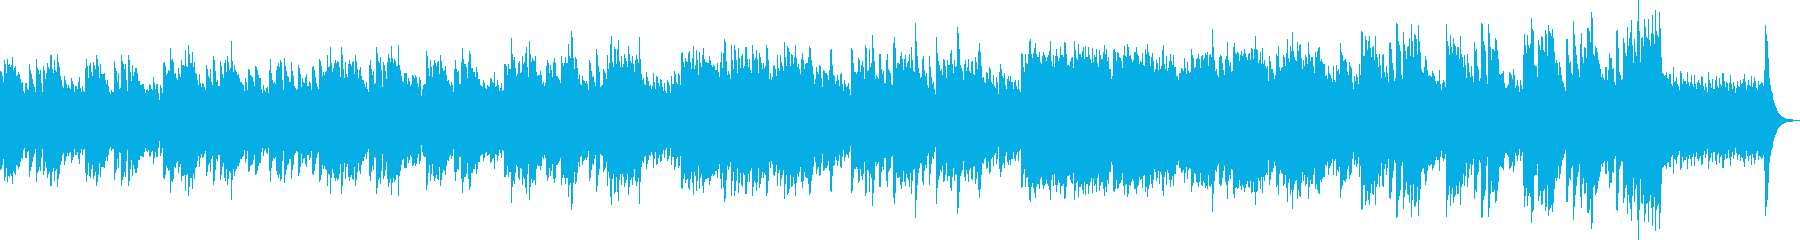 キラキラしたオルゴールの哀愁あるワルツの再生済みの波形